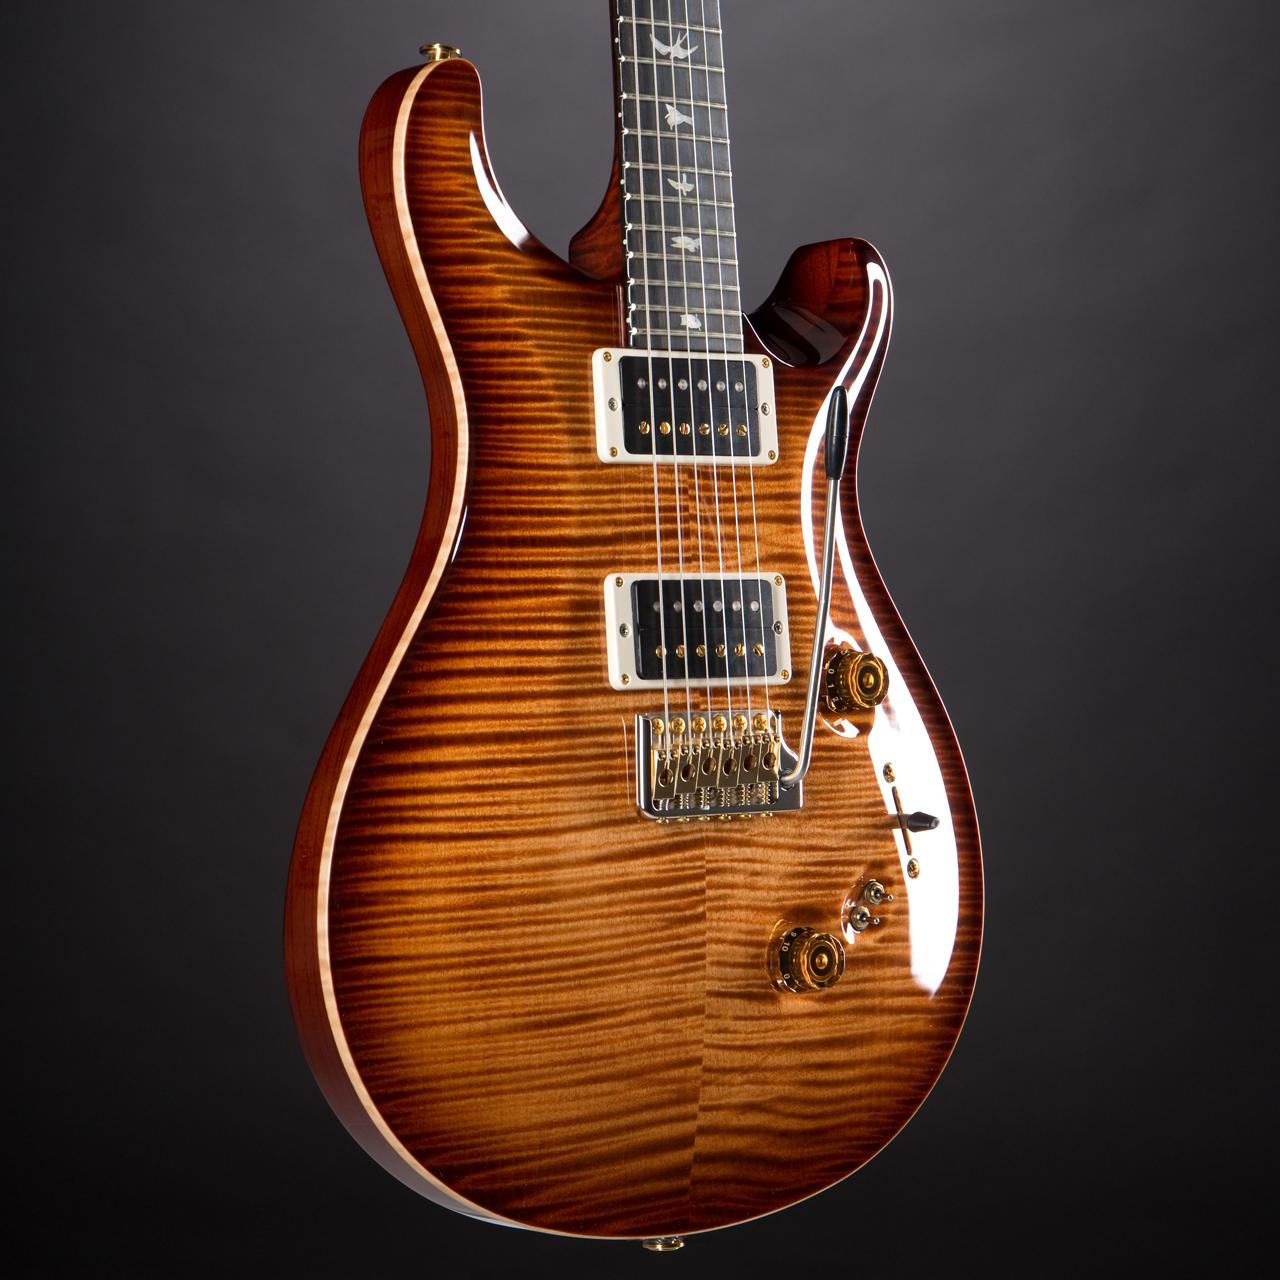 Beste Prs Custom 24 Gitarren Pickups Schaltplan Bilder - Elektrische ...